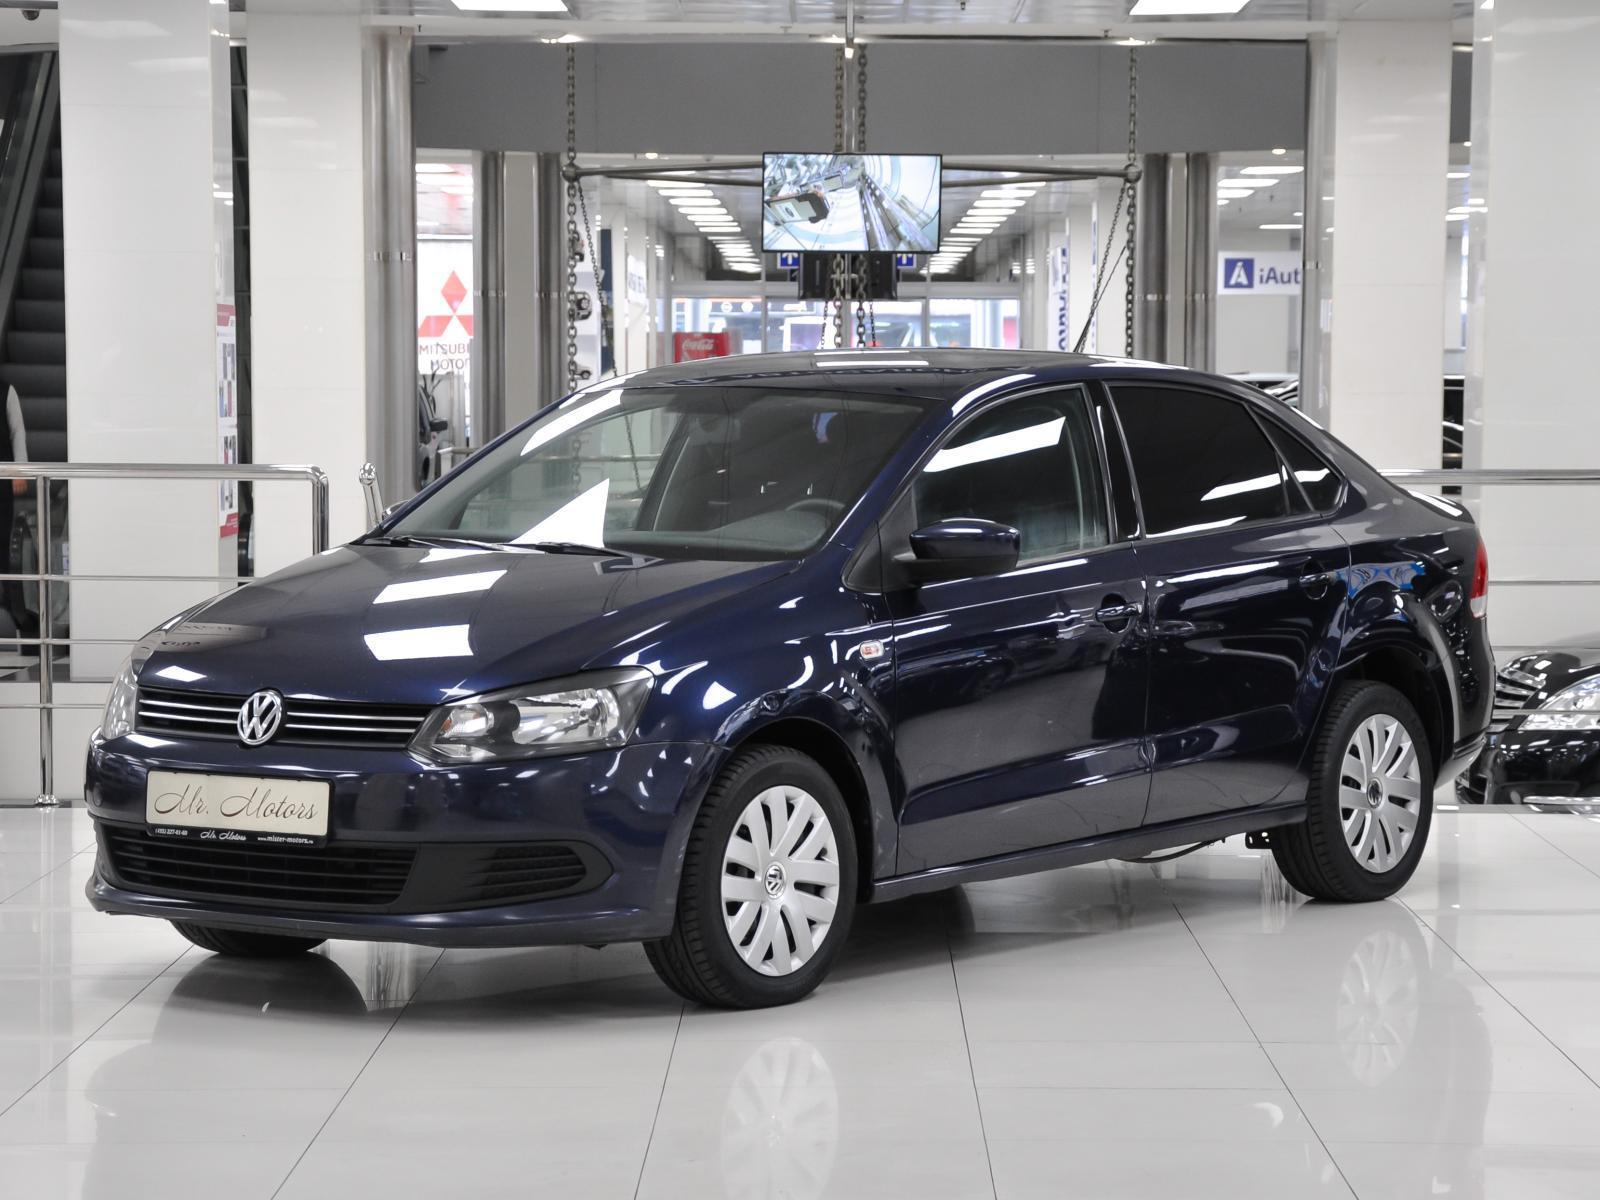 Volkswagen Polo с пробегом в Москве. Автомобильная компания Mr.Motors